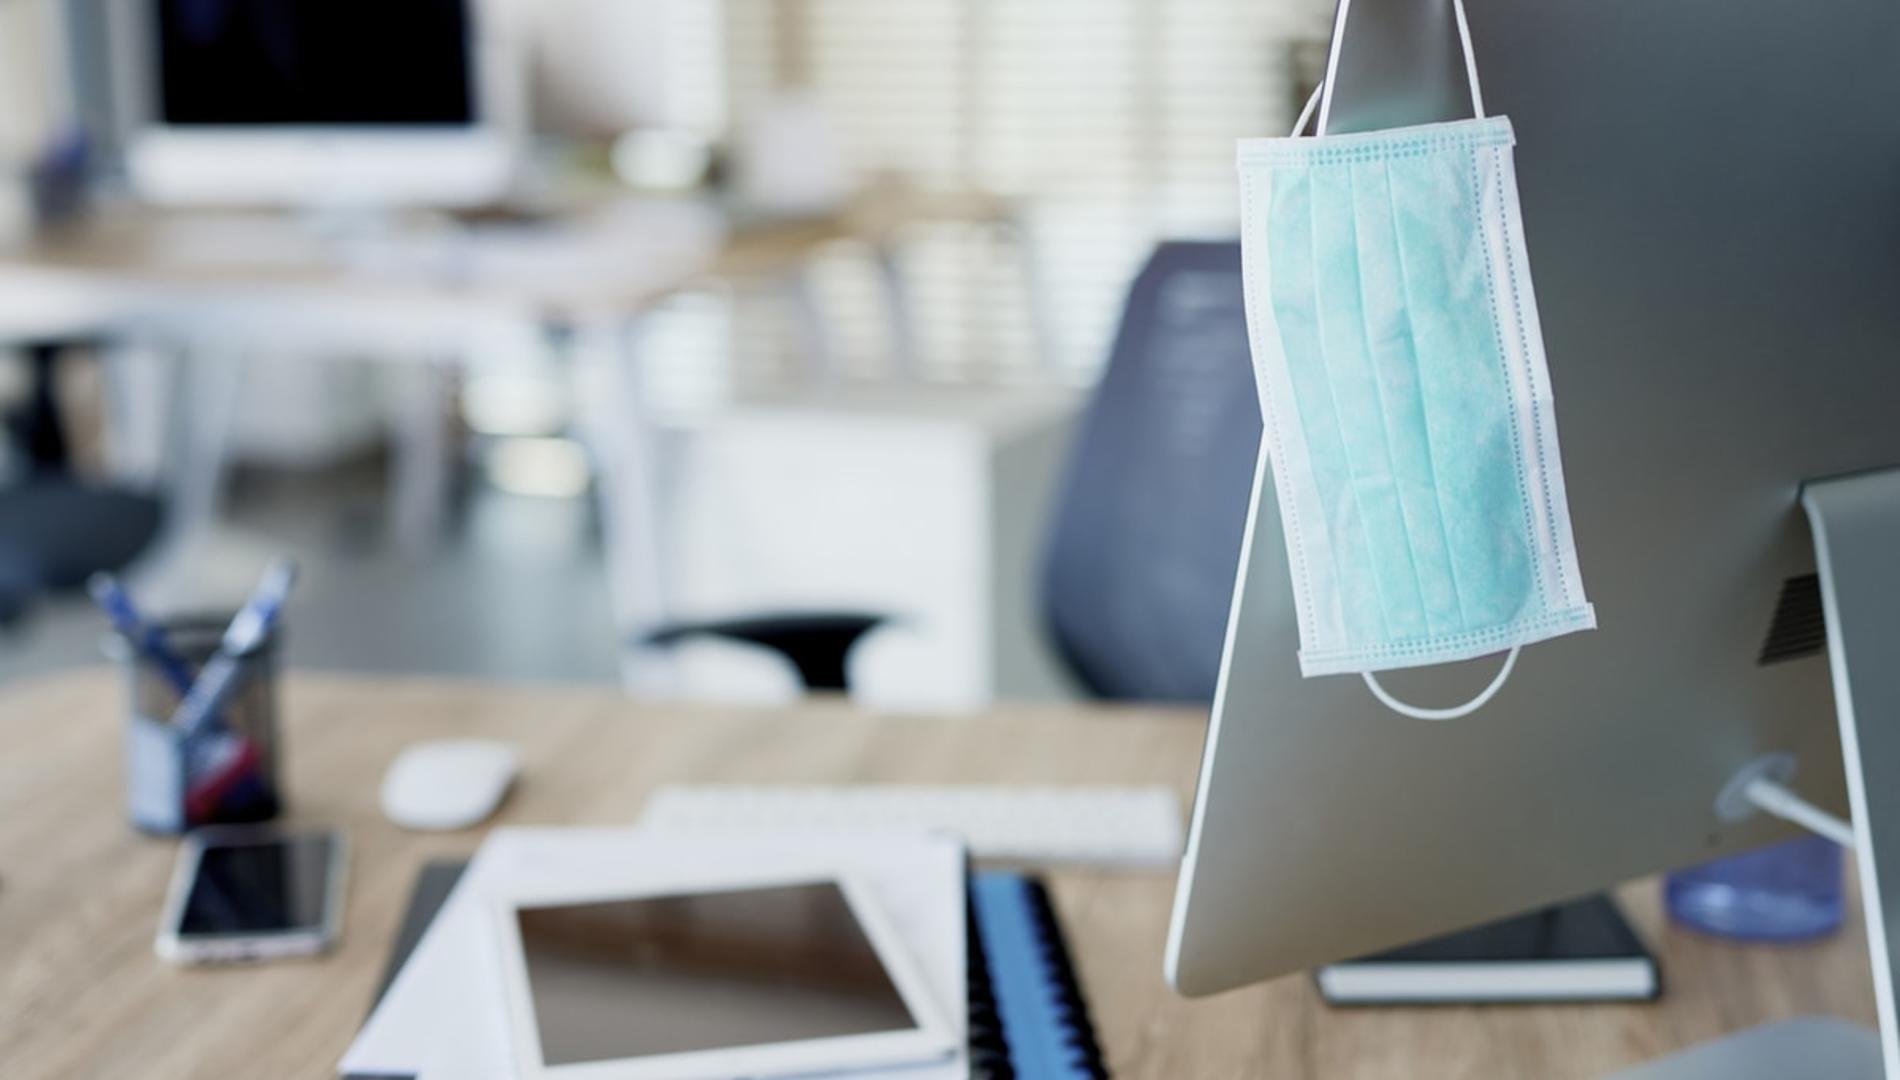 办公室里苹果电脑的一角挂着口罩.